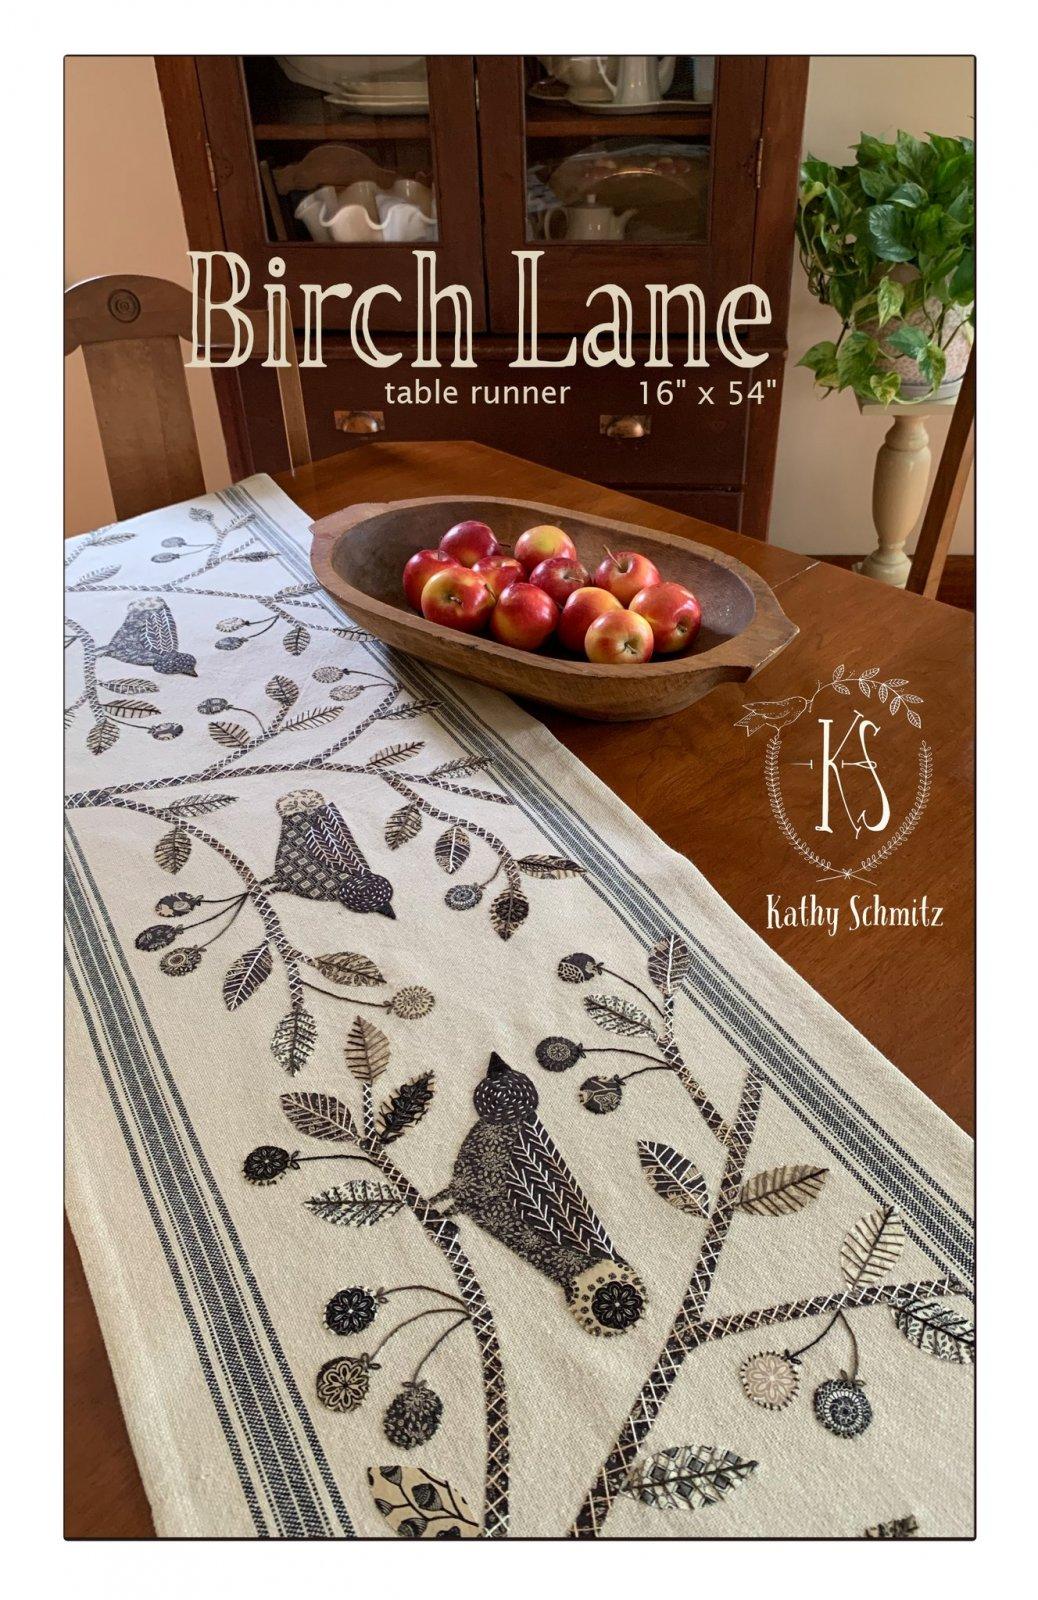 Birch Lane Table Runner Kit with Pattern